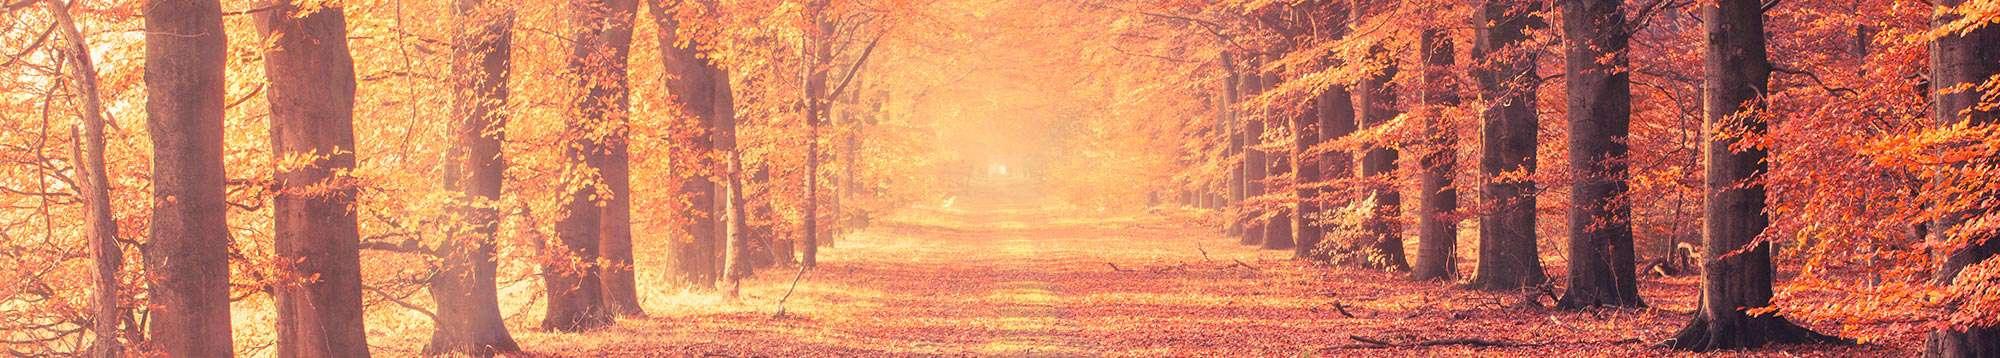 Weekendje weg Herfstvakantie voor min. 2 nachten